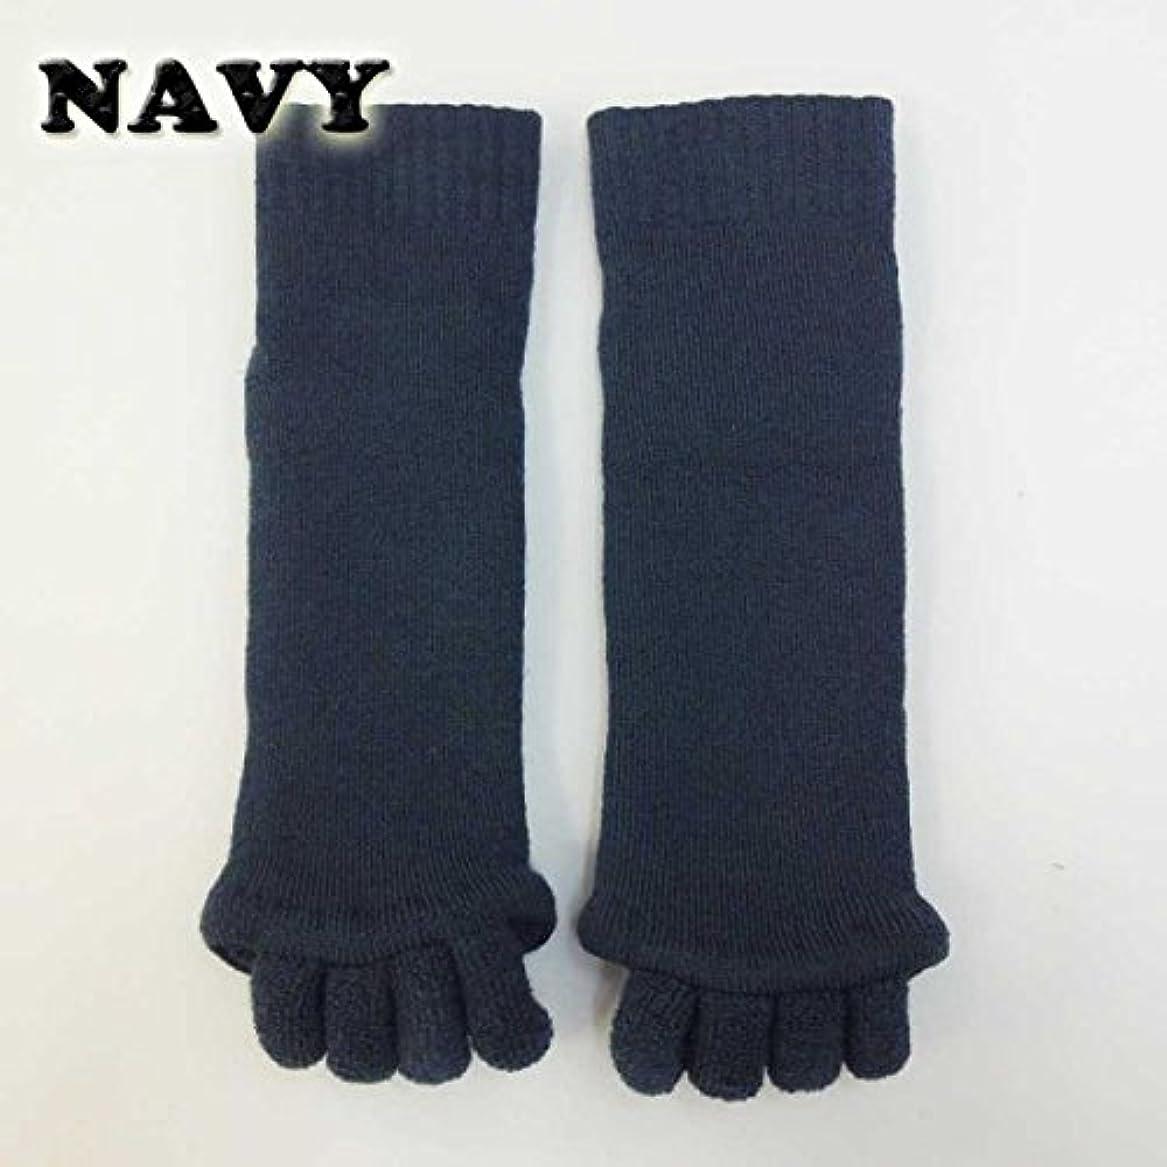 中毒忠実などこにも足指開きソックス (左右1組) 履くだけ 簡単 フットケア リラックス むくみ (ネイビー)